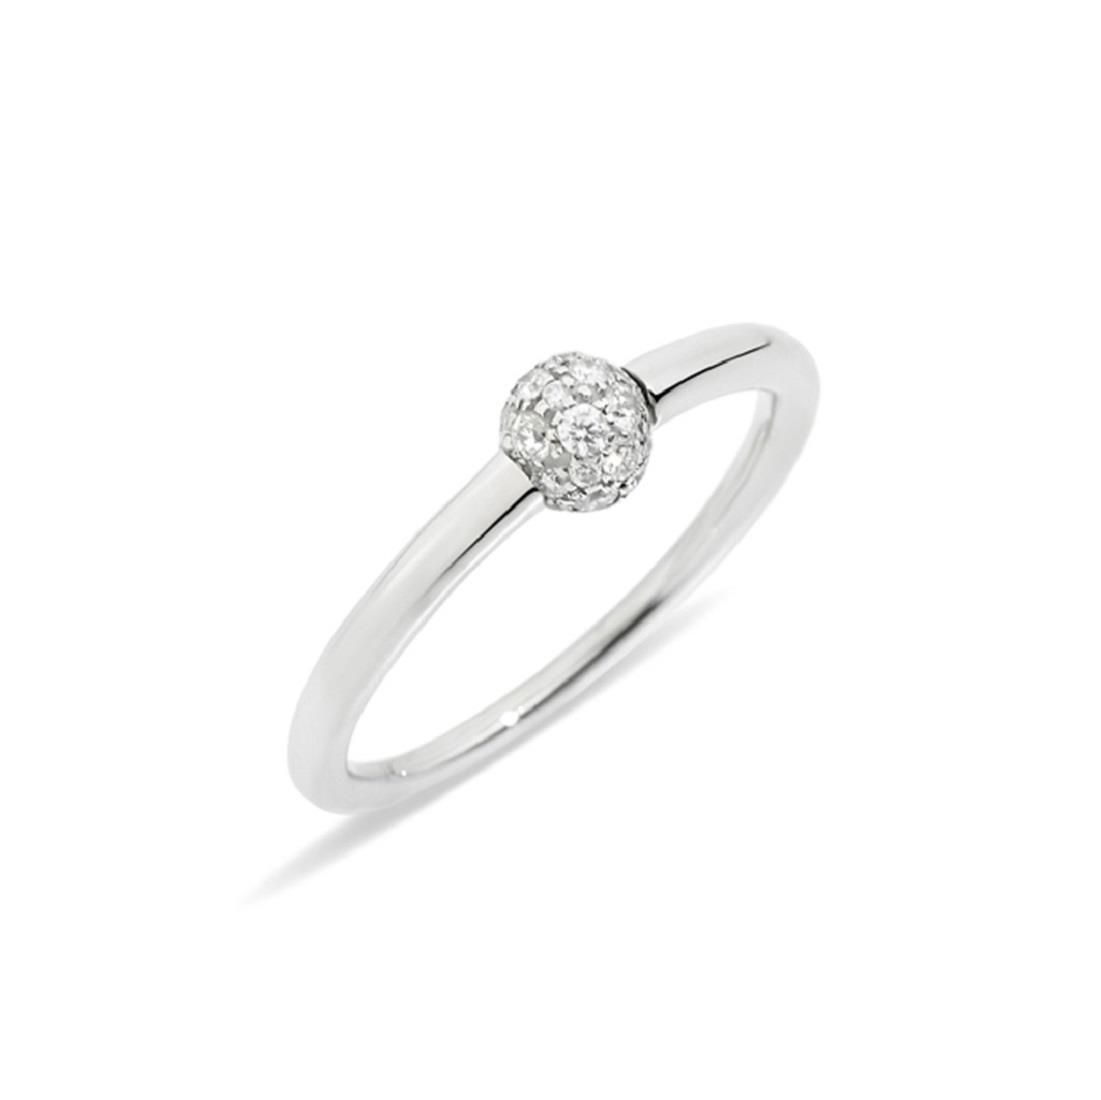 Anello con diamanti - POMELLATO